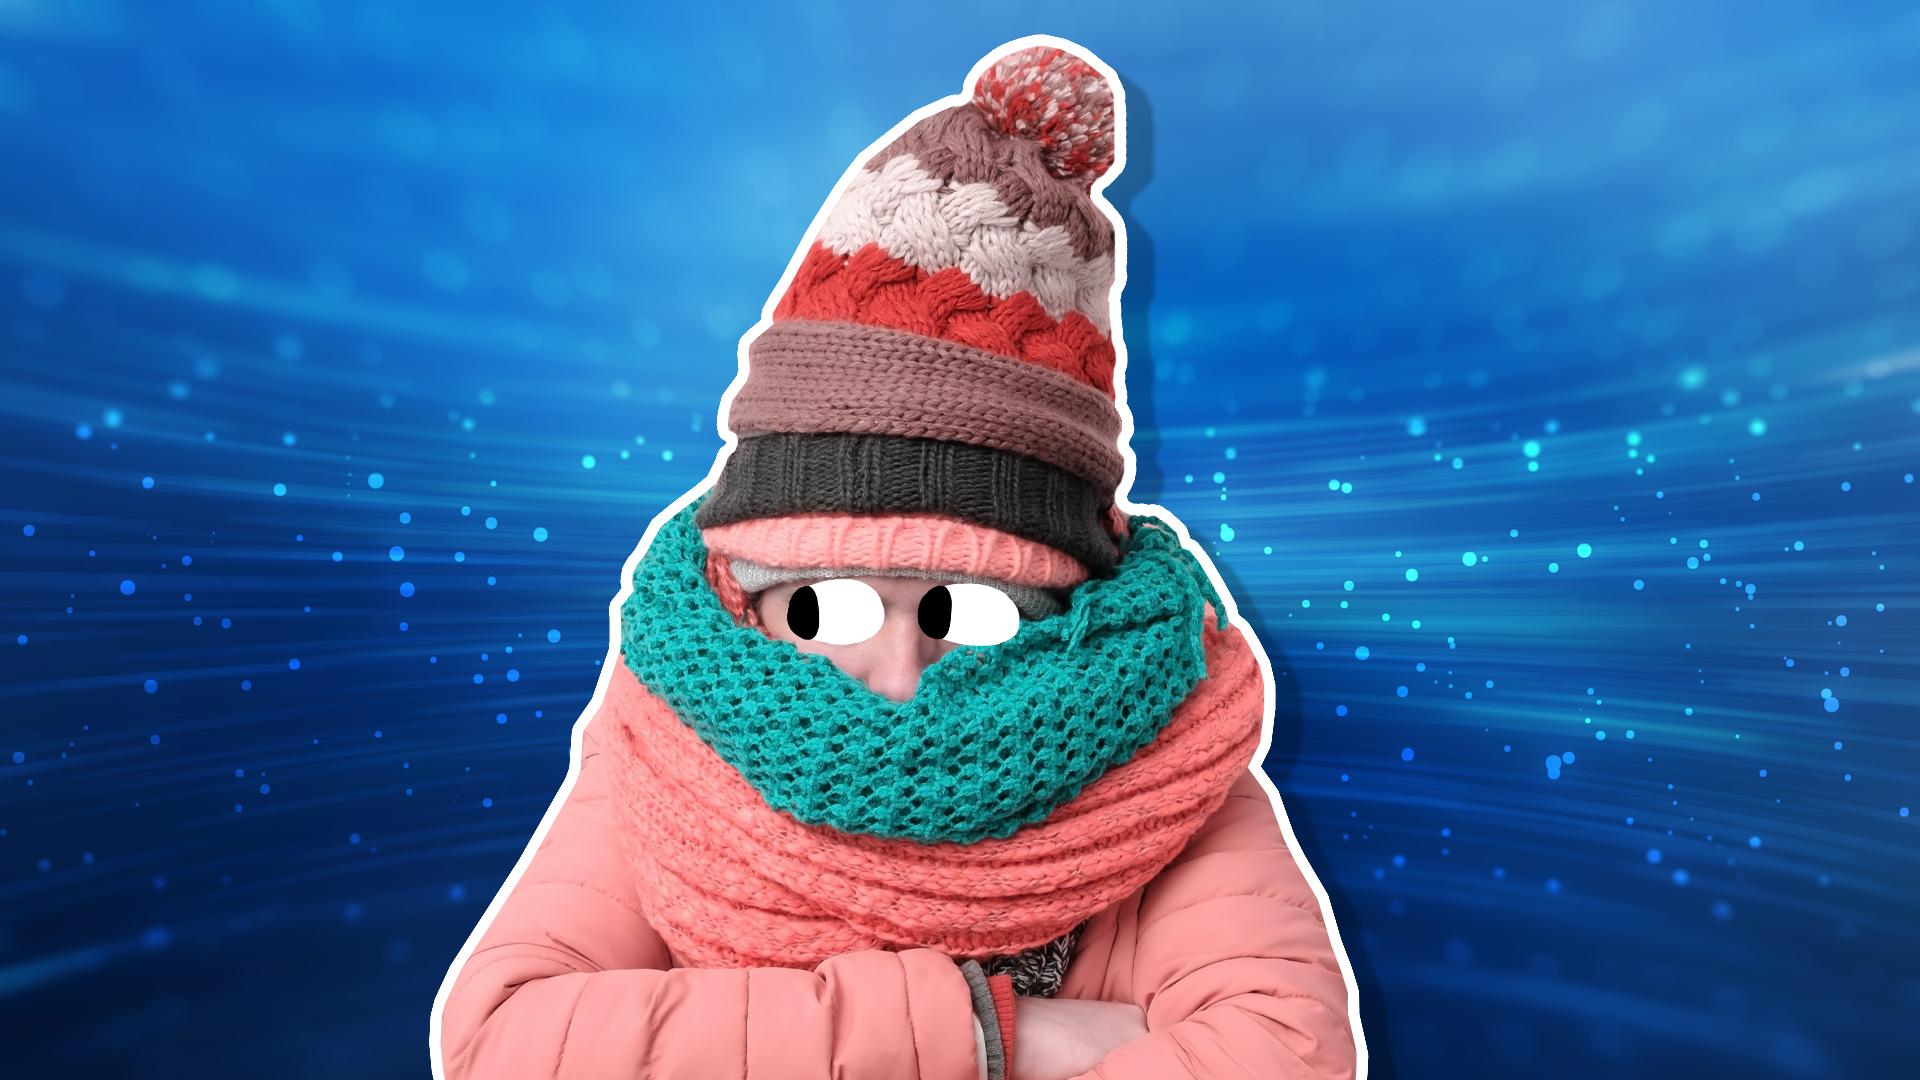 A cold person